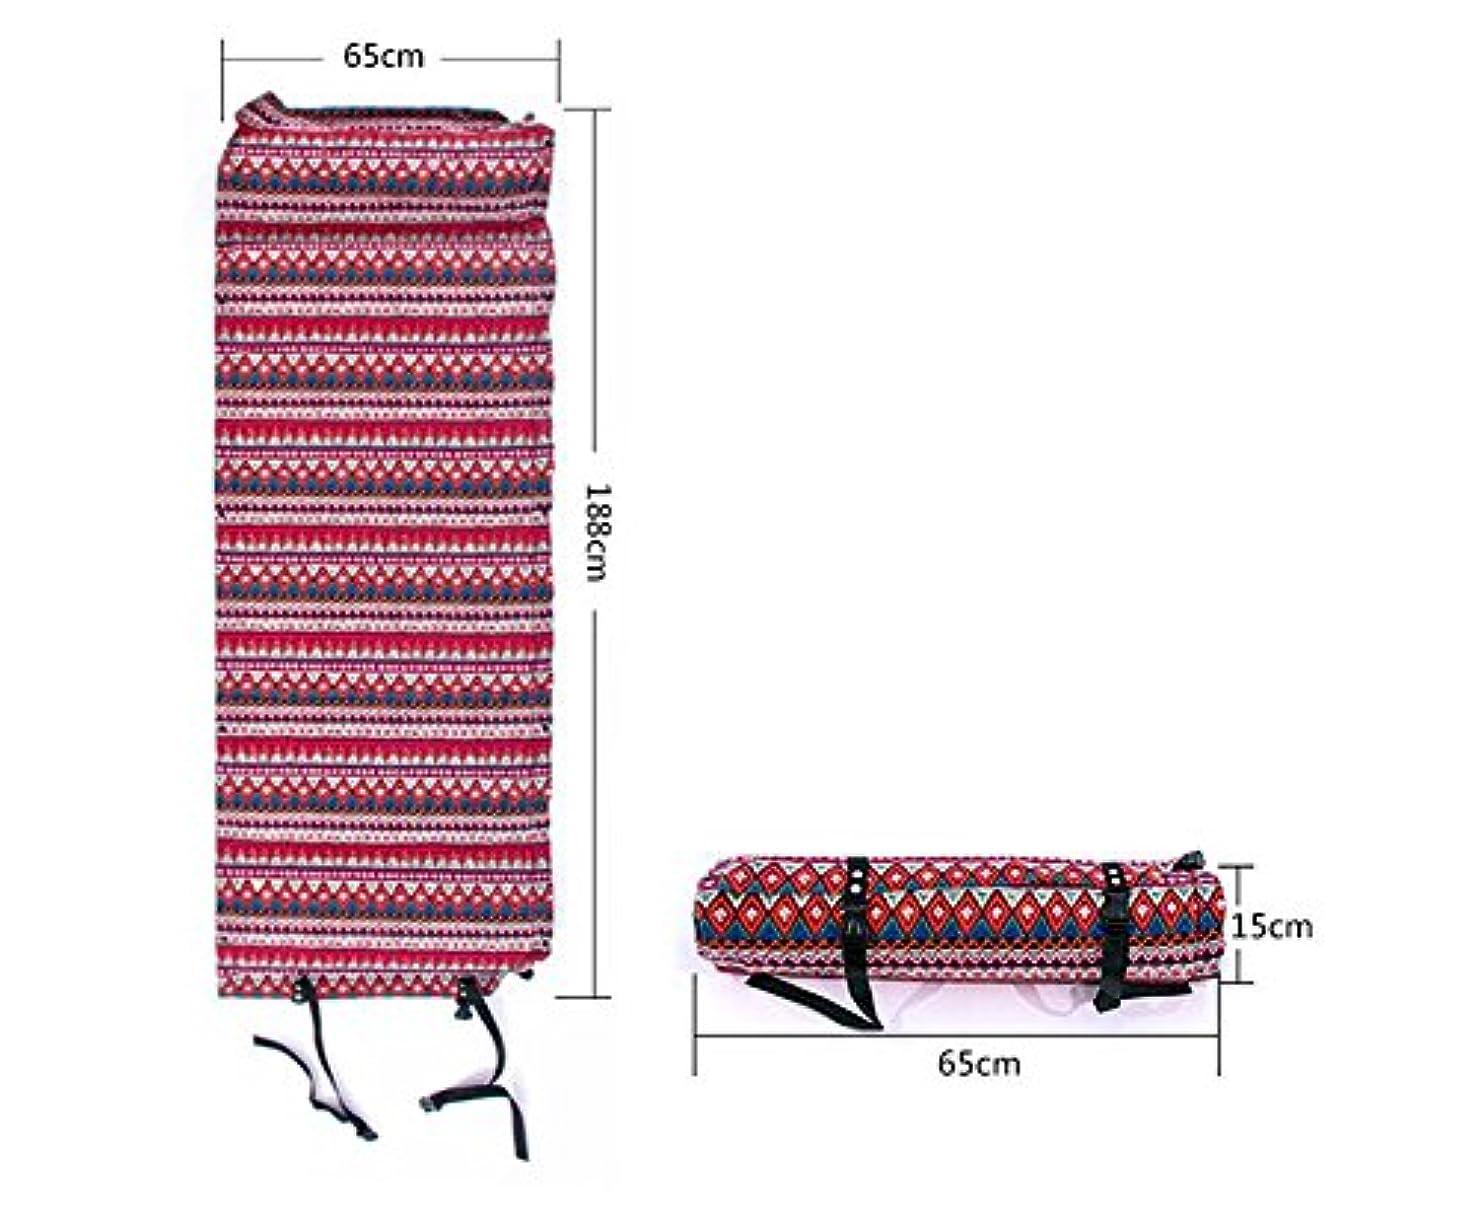 哀バックアップ医薬品ゼロInflatable Sleepingマットキャンプマットレスエスニックスタイルアウトドアバックハイキングマットsd-09842